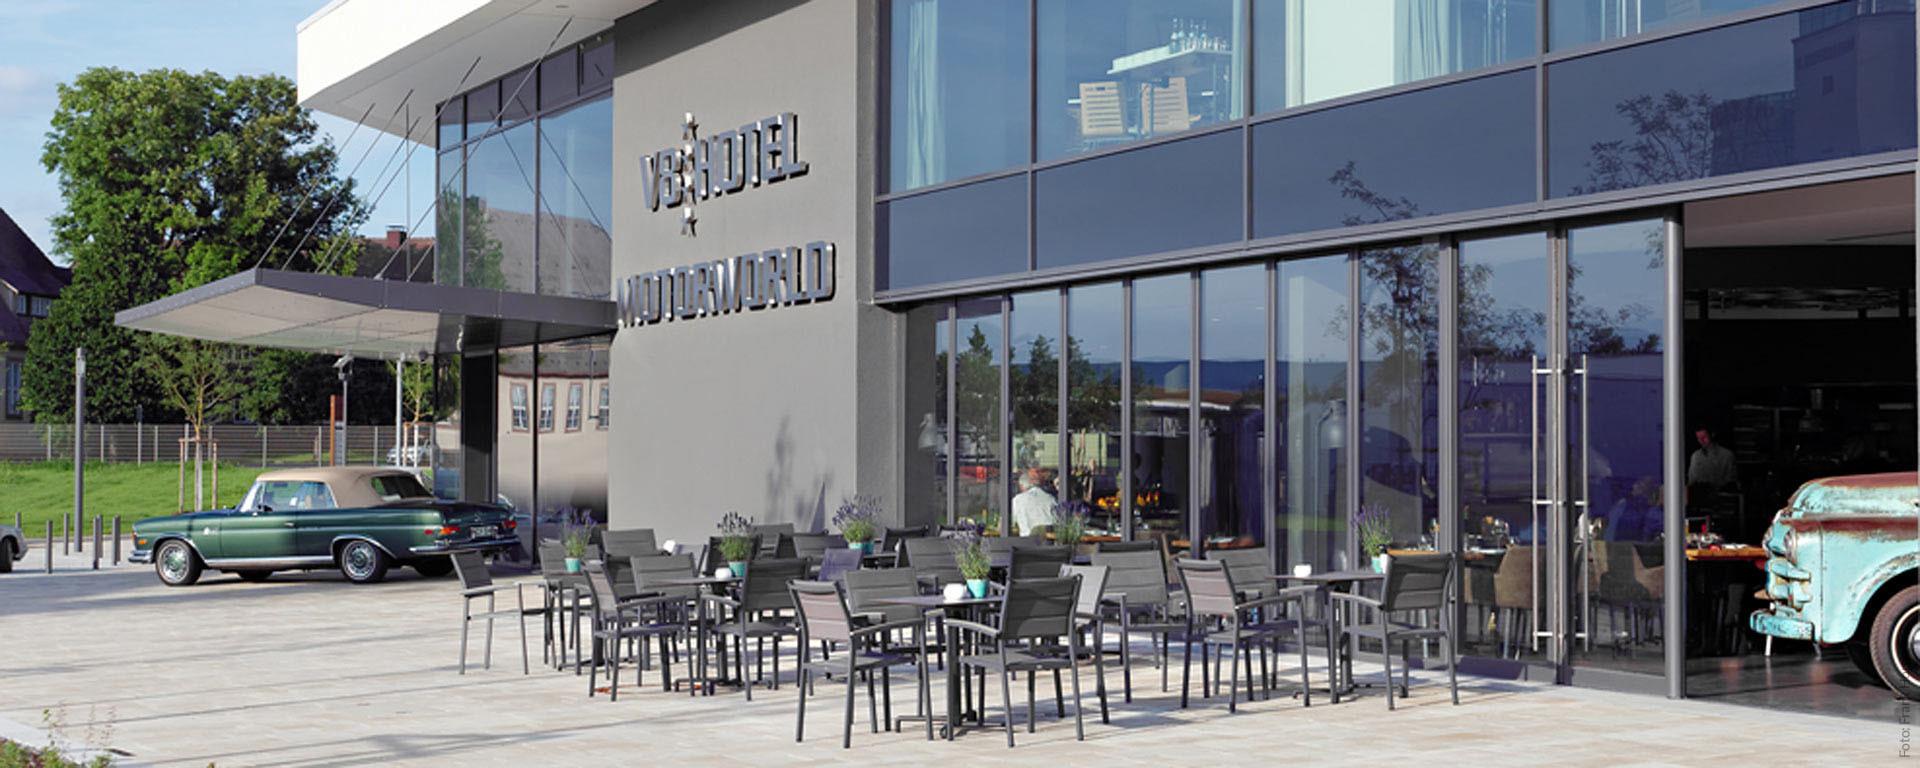 Das V8 HOTEL mit Restaurant & Café-Bar, Veranstaltungs- und Tagungsräumen in Böblingen - Flugfeld